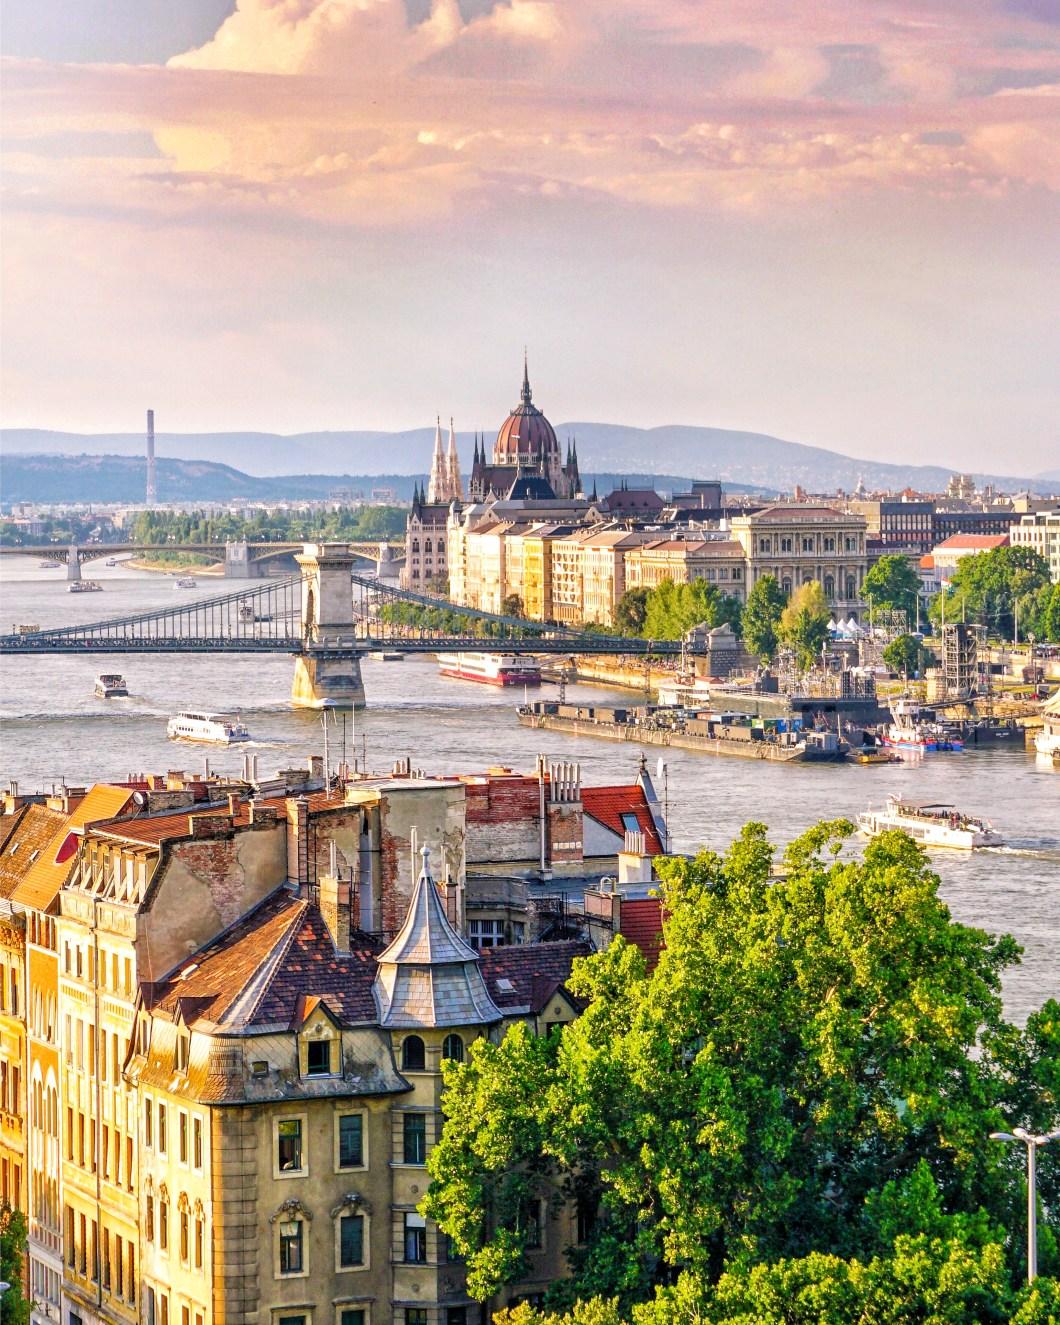 En croisière sur le Danube avec Viking Cruise